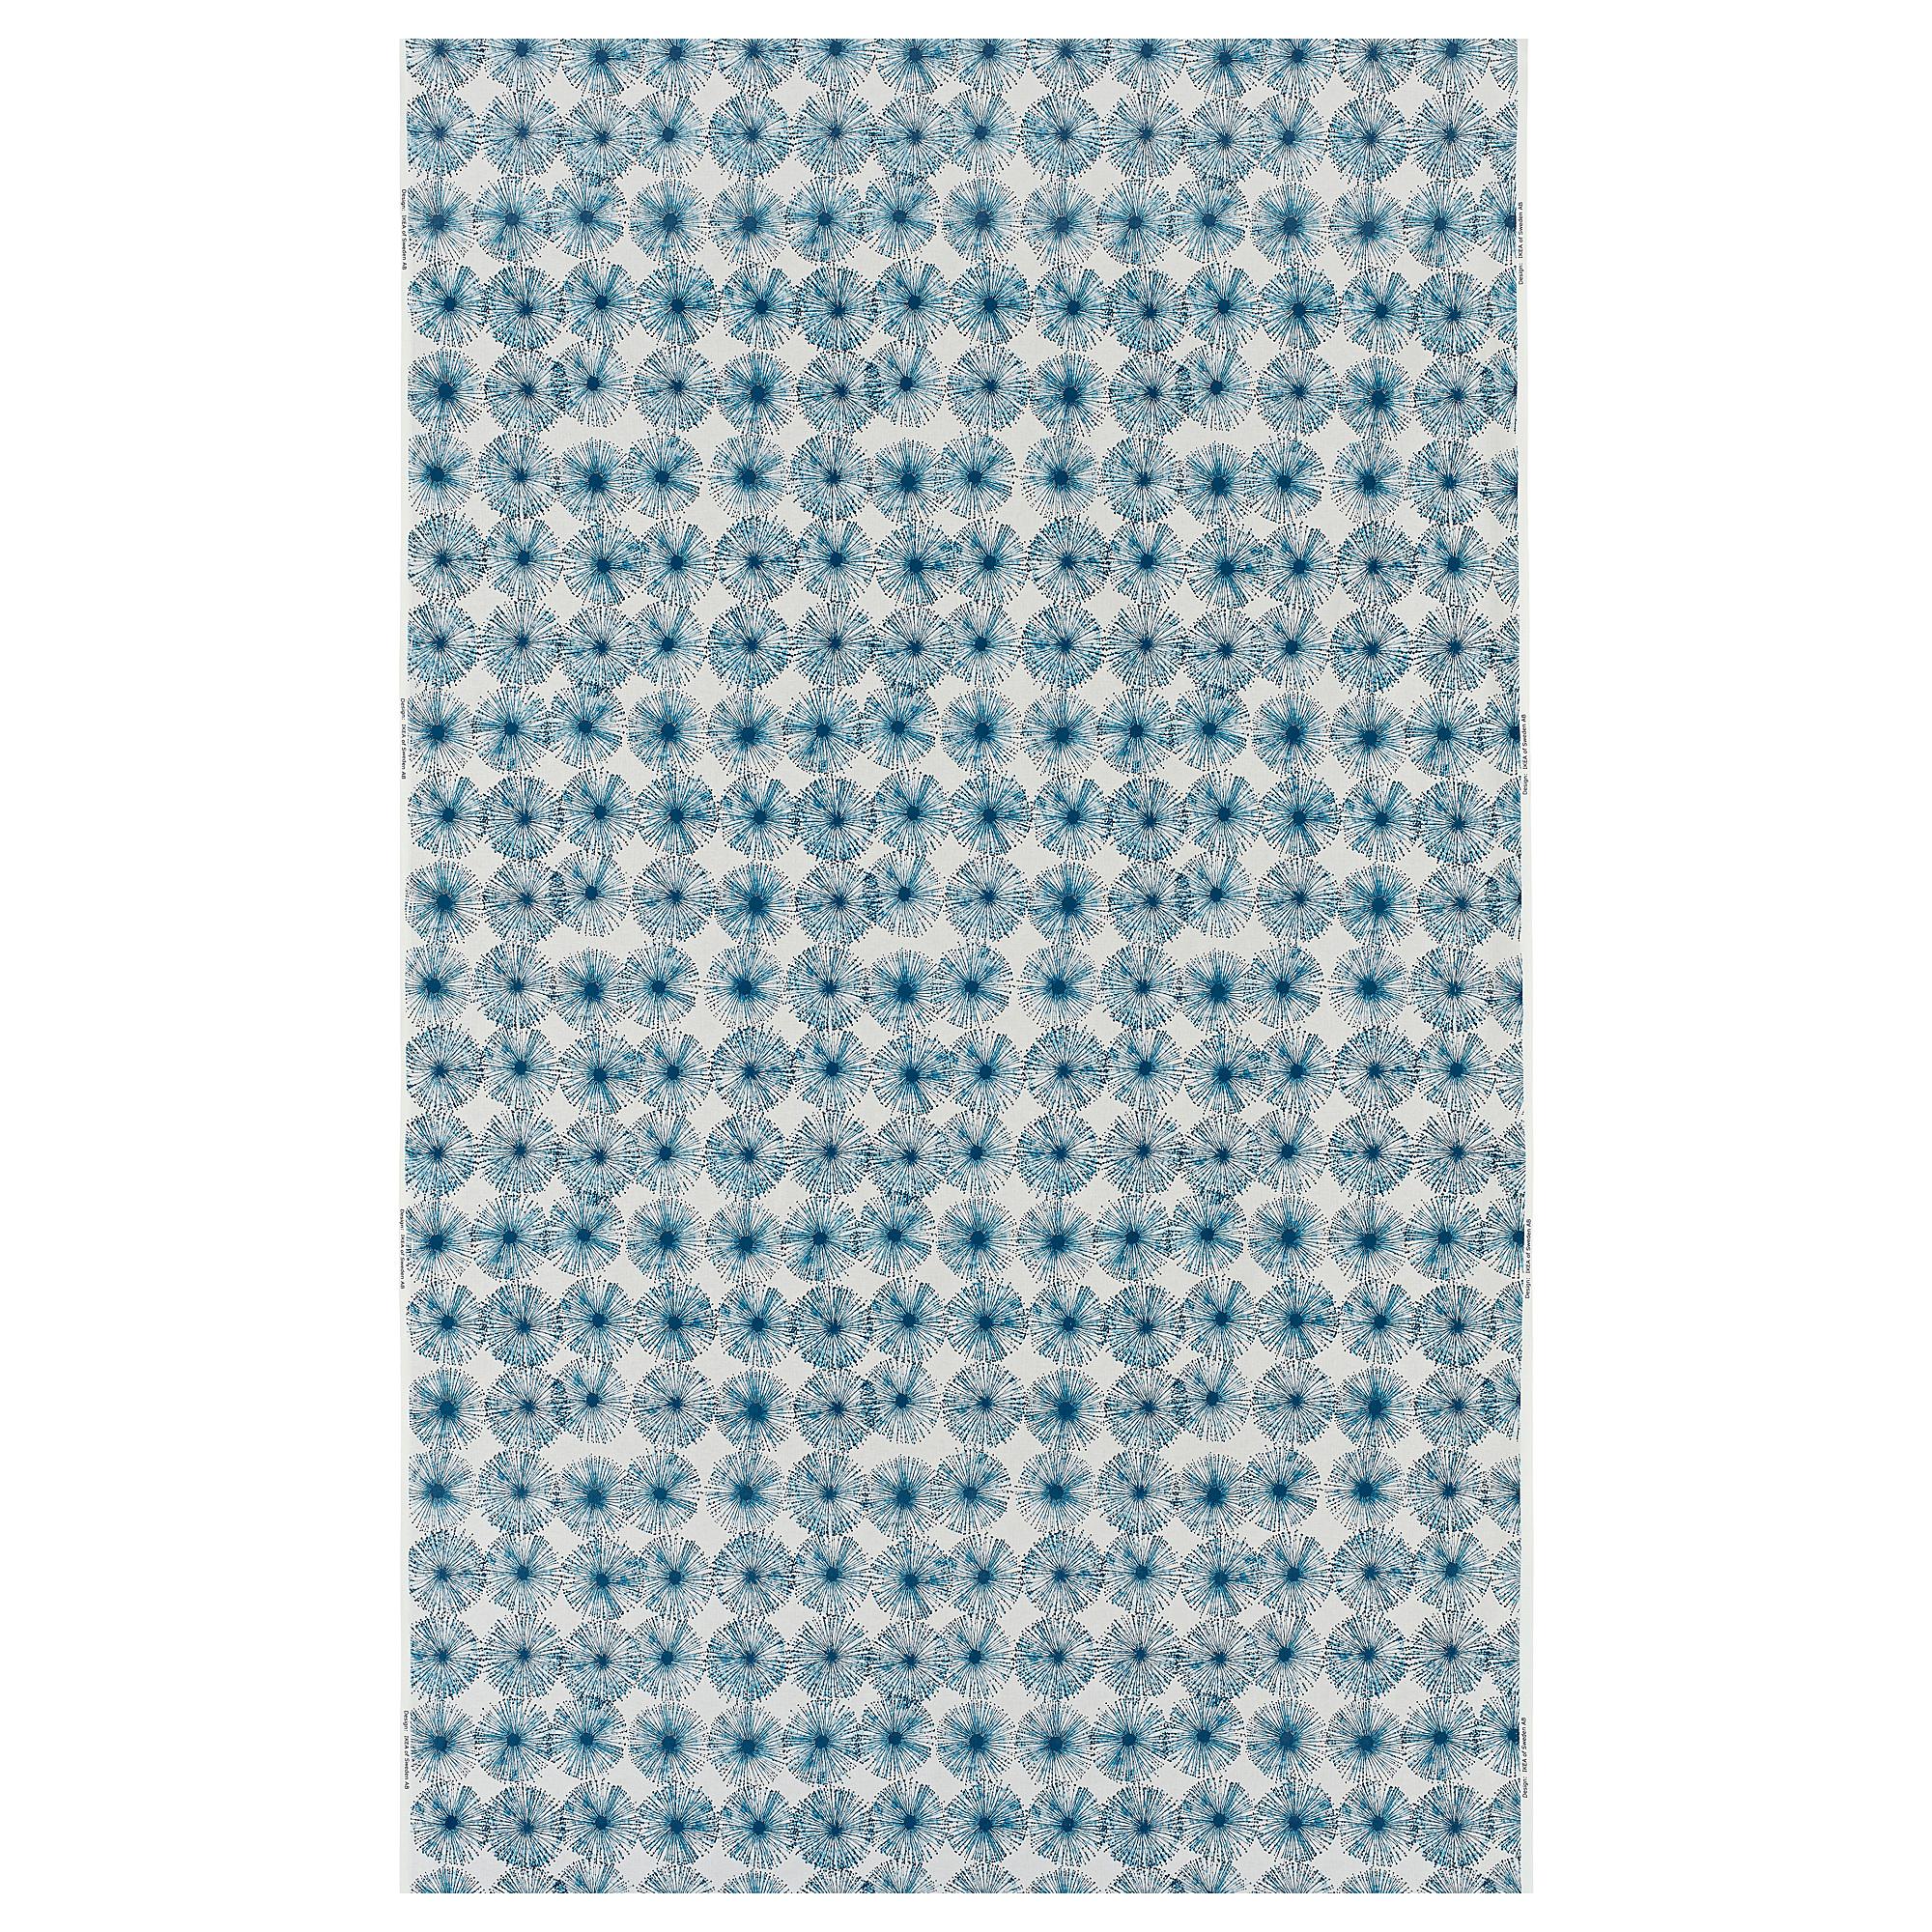 Ткань ИНГЕЛИЛ синий артикуль № 404.217.20 в наличии. Онлайн сайт IKEA РБ. Быстрая доставка и установка.